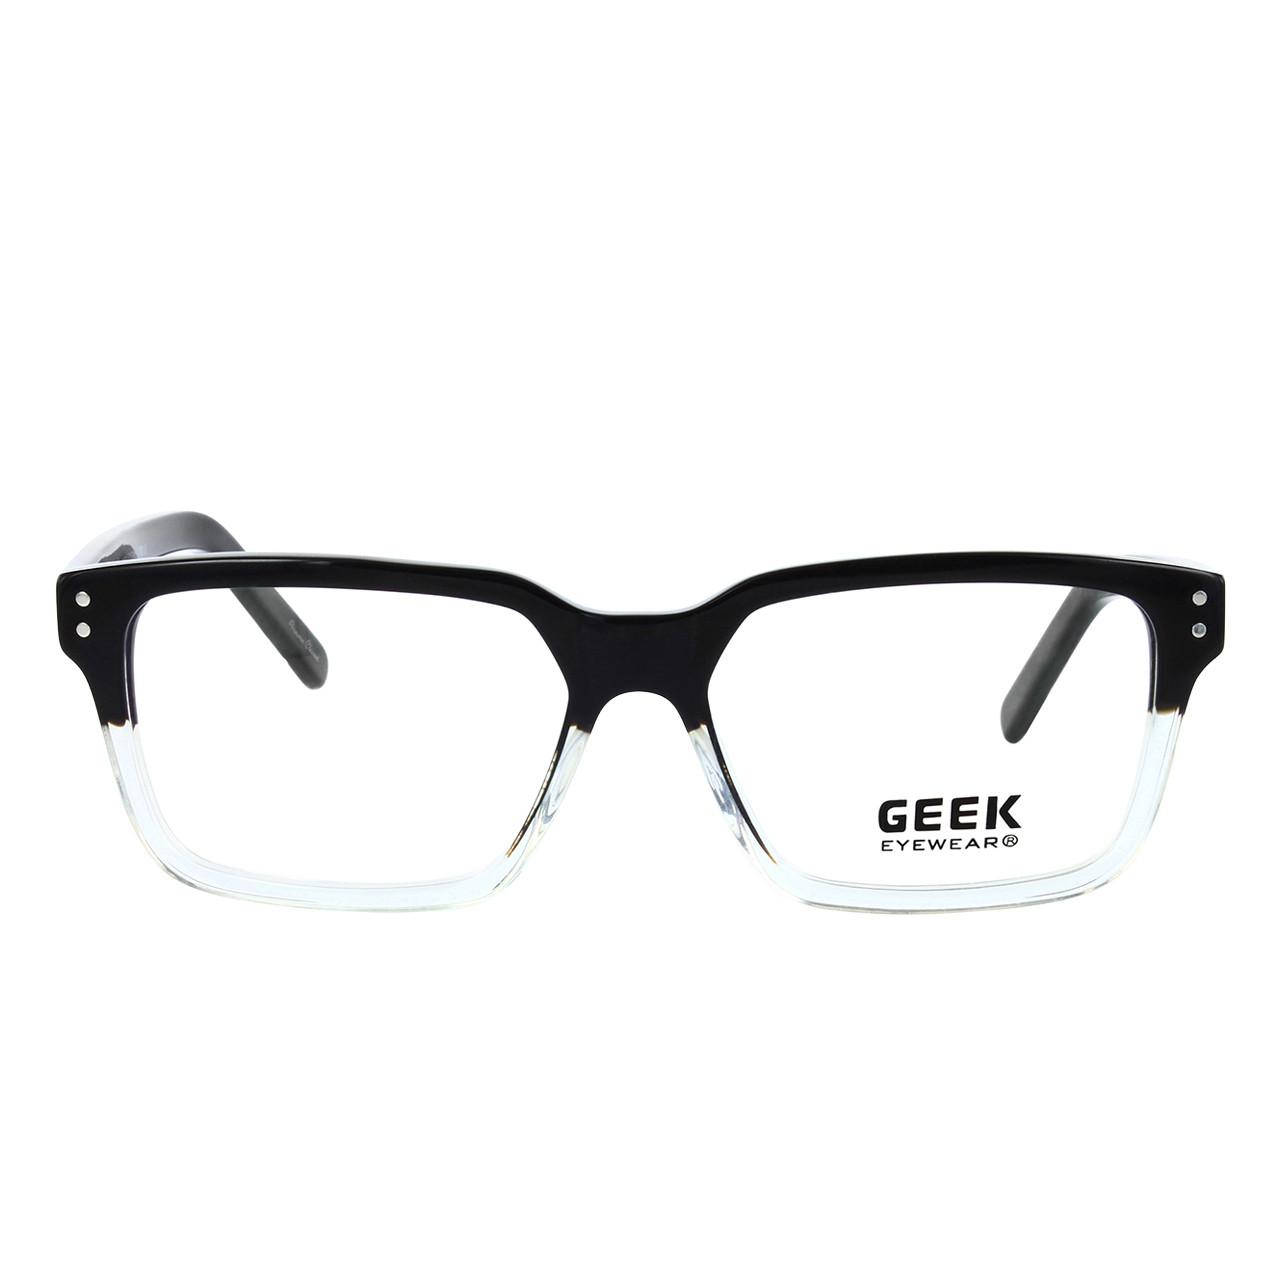 GEEK Eyewear Geek Kona